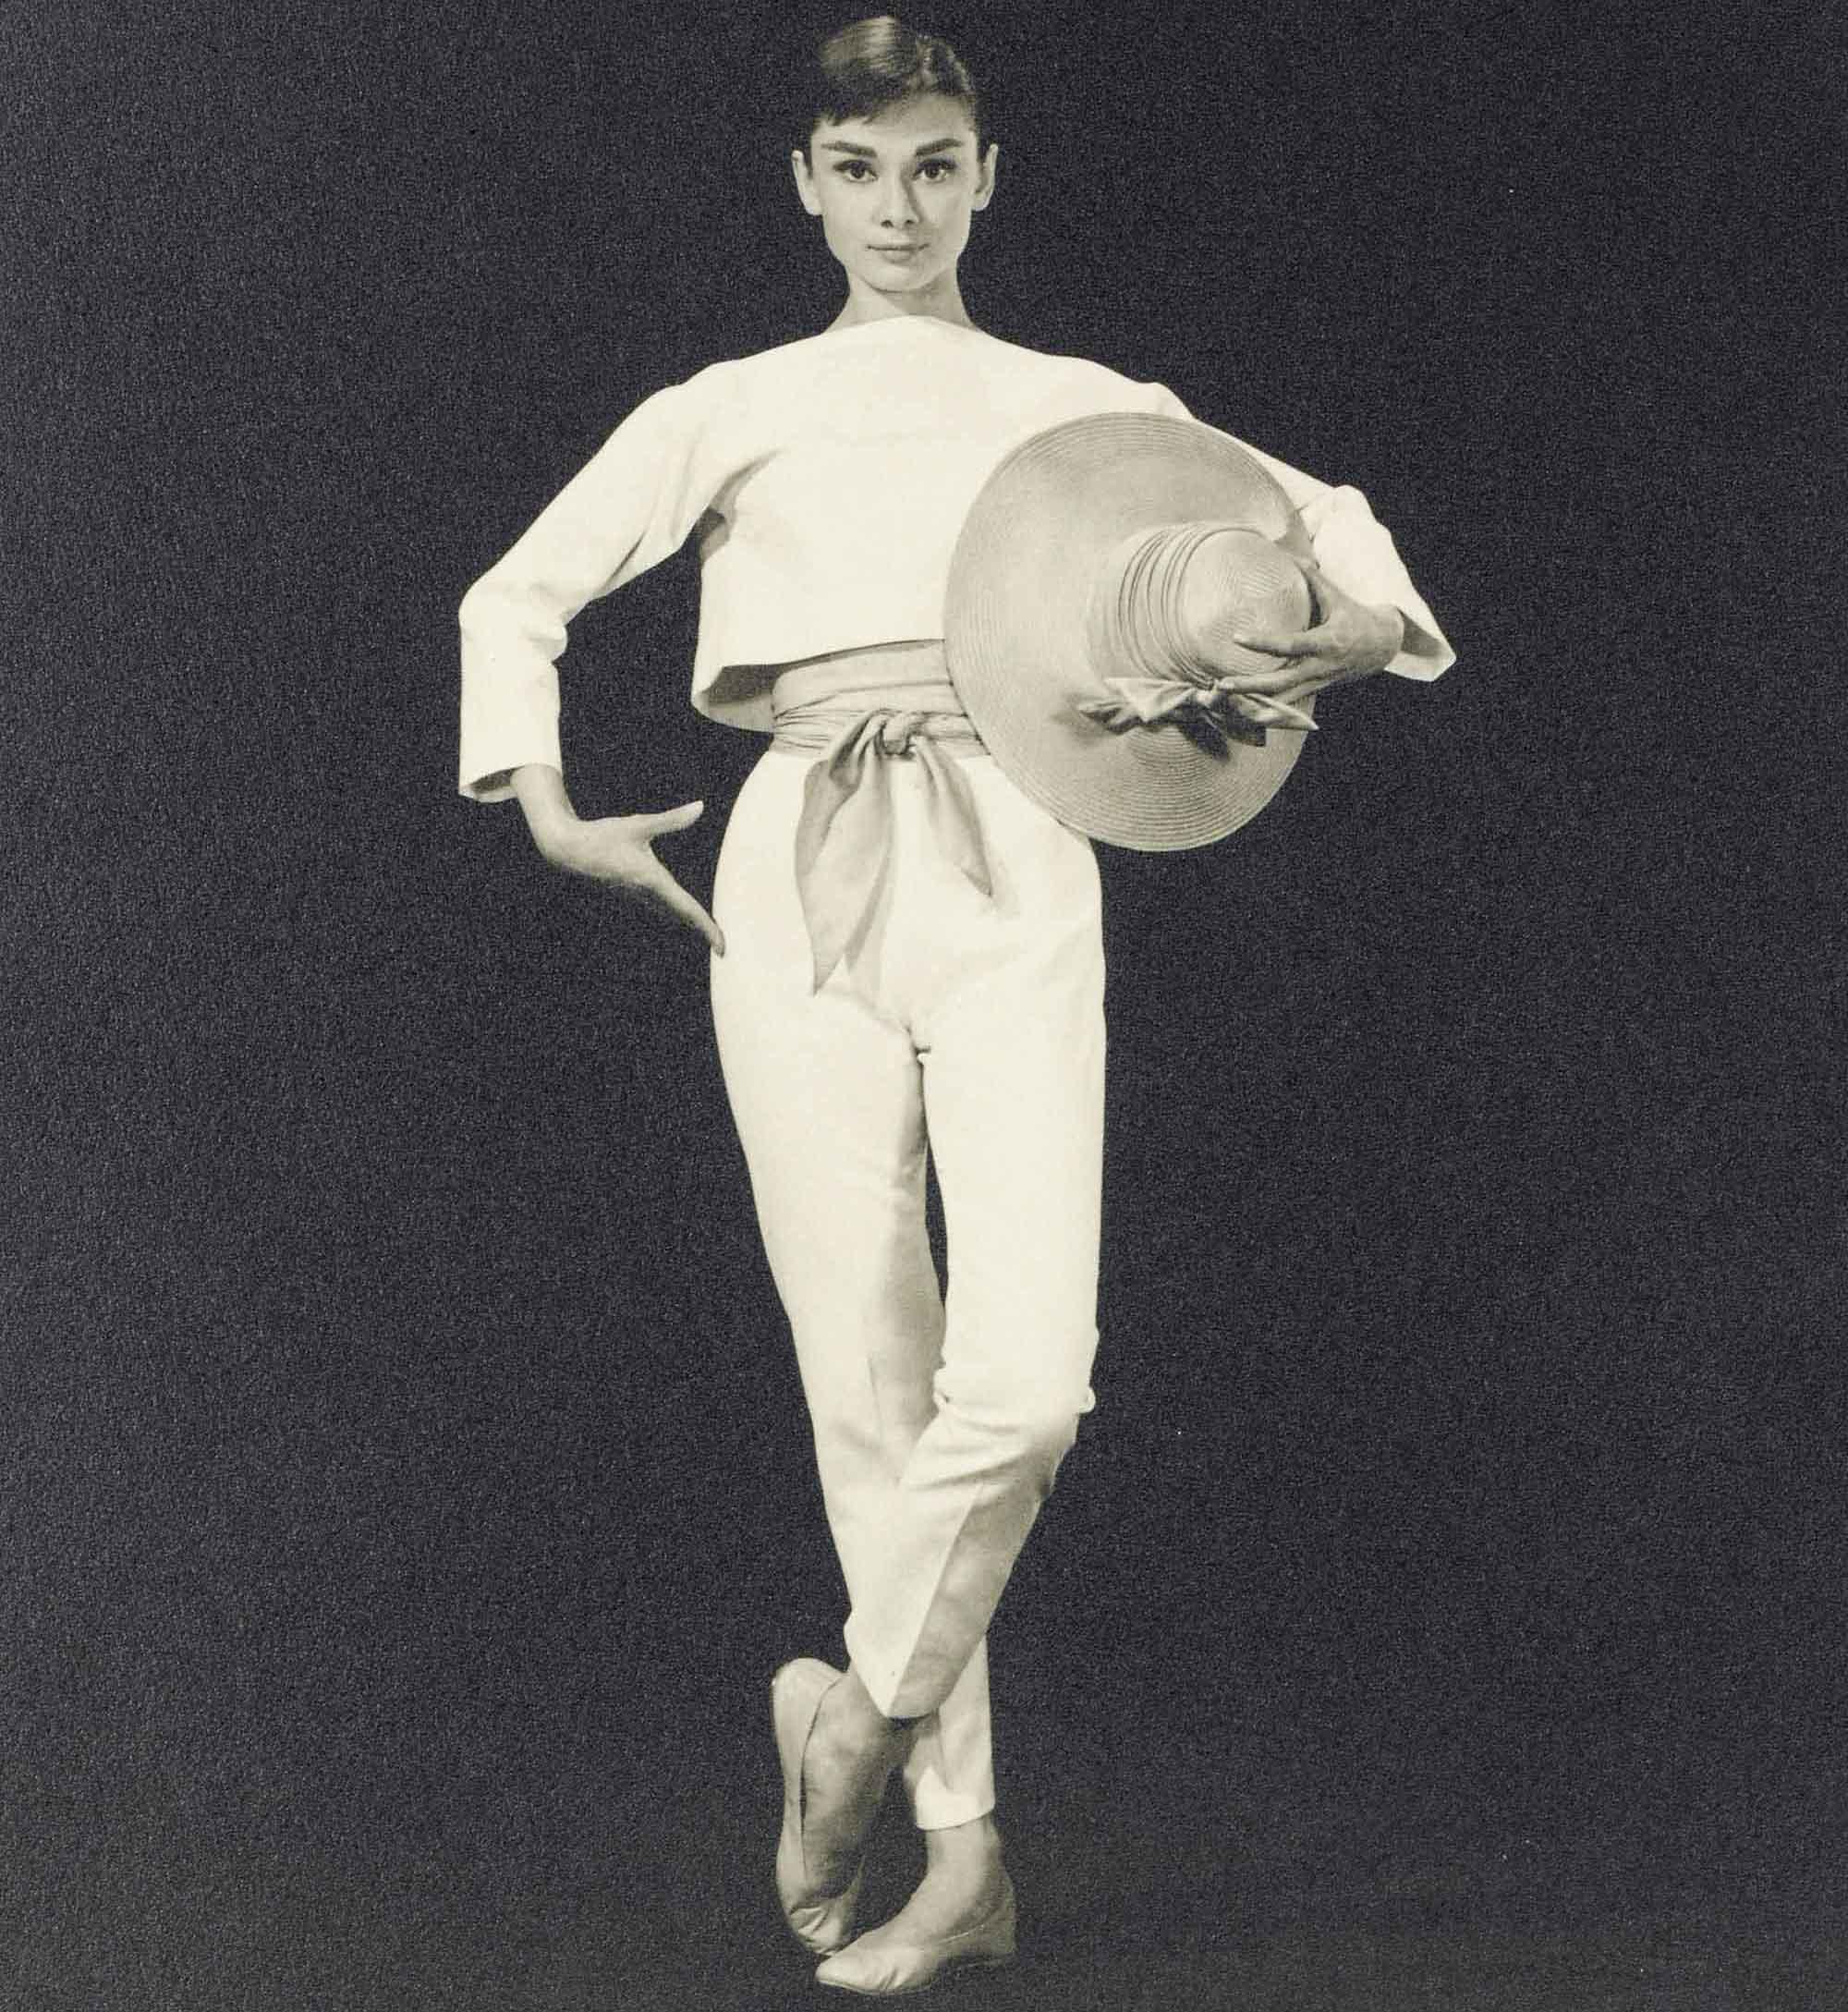 <b>FUNNY FACE, 1957</br>BUD FRAKER (1916-2002)</br><em>Audrey Hepburn</em></b></br> gelatin silver print</br> stamped photographer's Paramount studio credit (verso)</br> 13 ¾ x 10 3/4 in. (34.9 x 27.3 cm.)</br> Estimate: £1,000-1,500